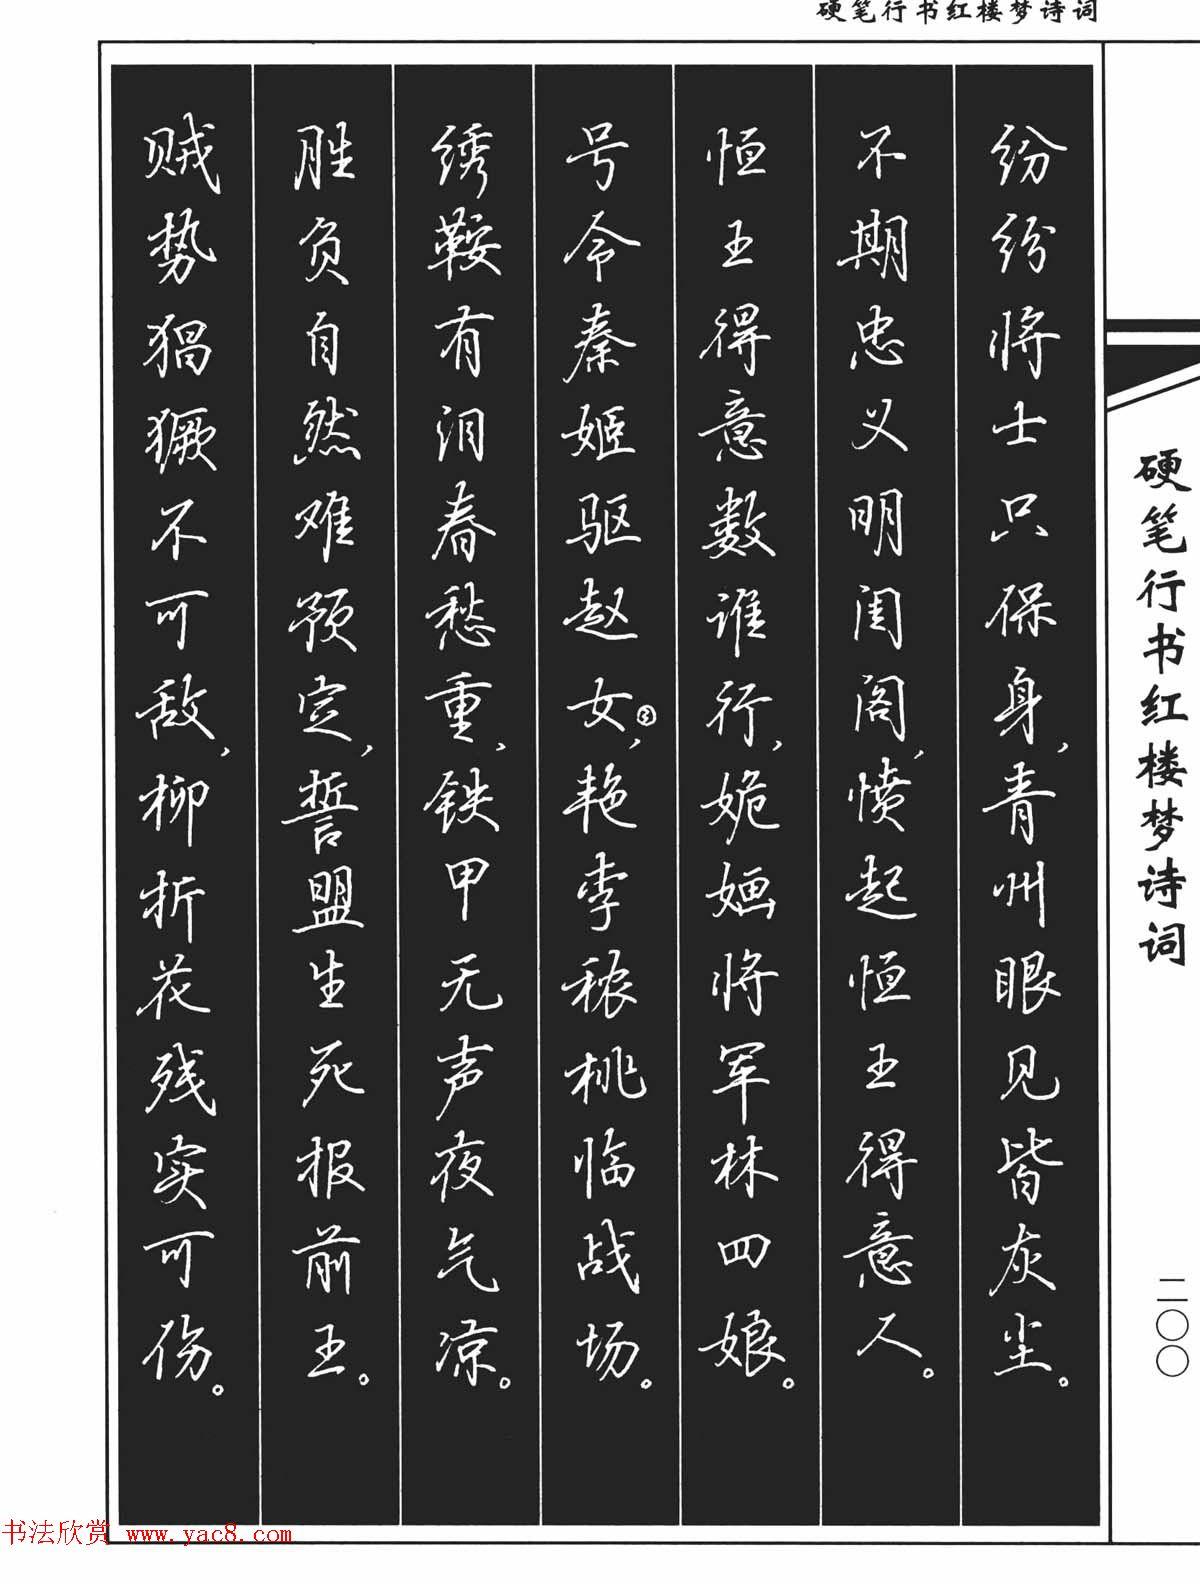 吴玉生钢笔字帖欣赏 硬笔行书红楼梦诗词 第32页 钢笔字帖 书法欣赏图片